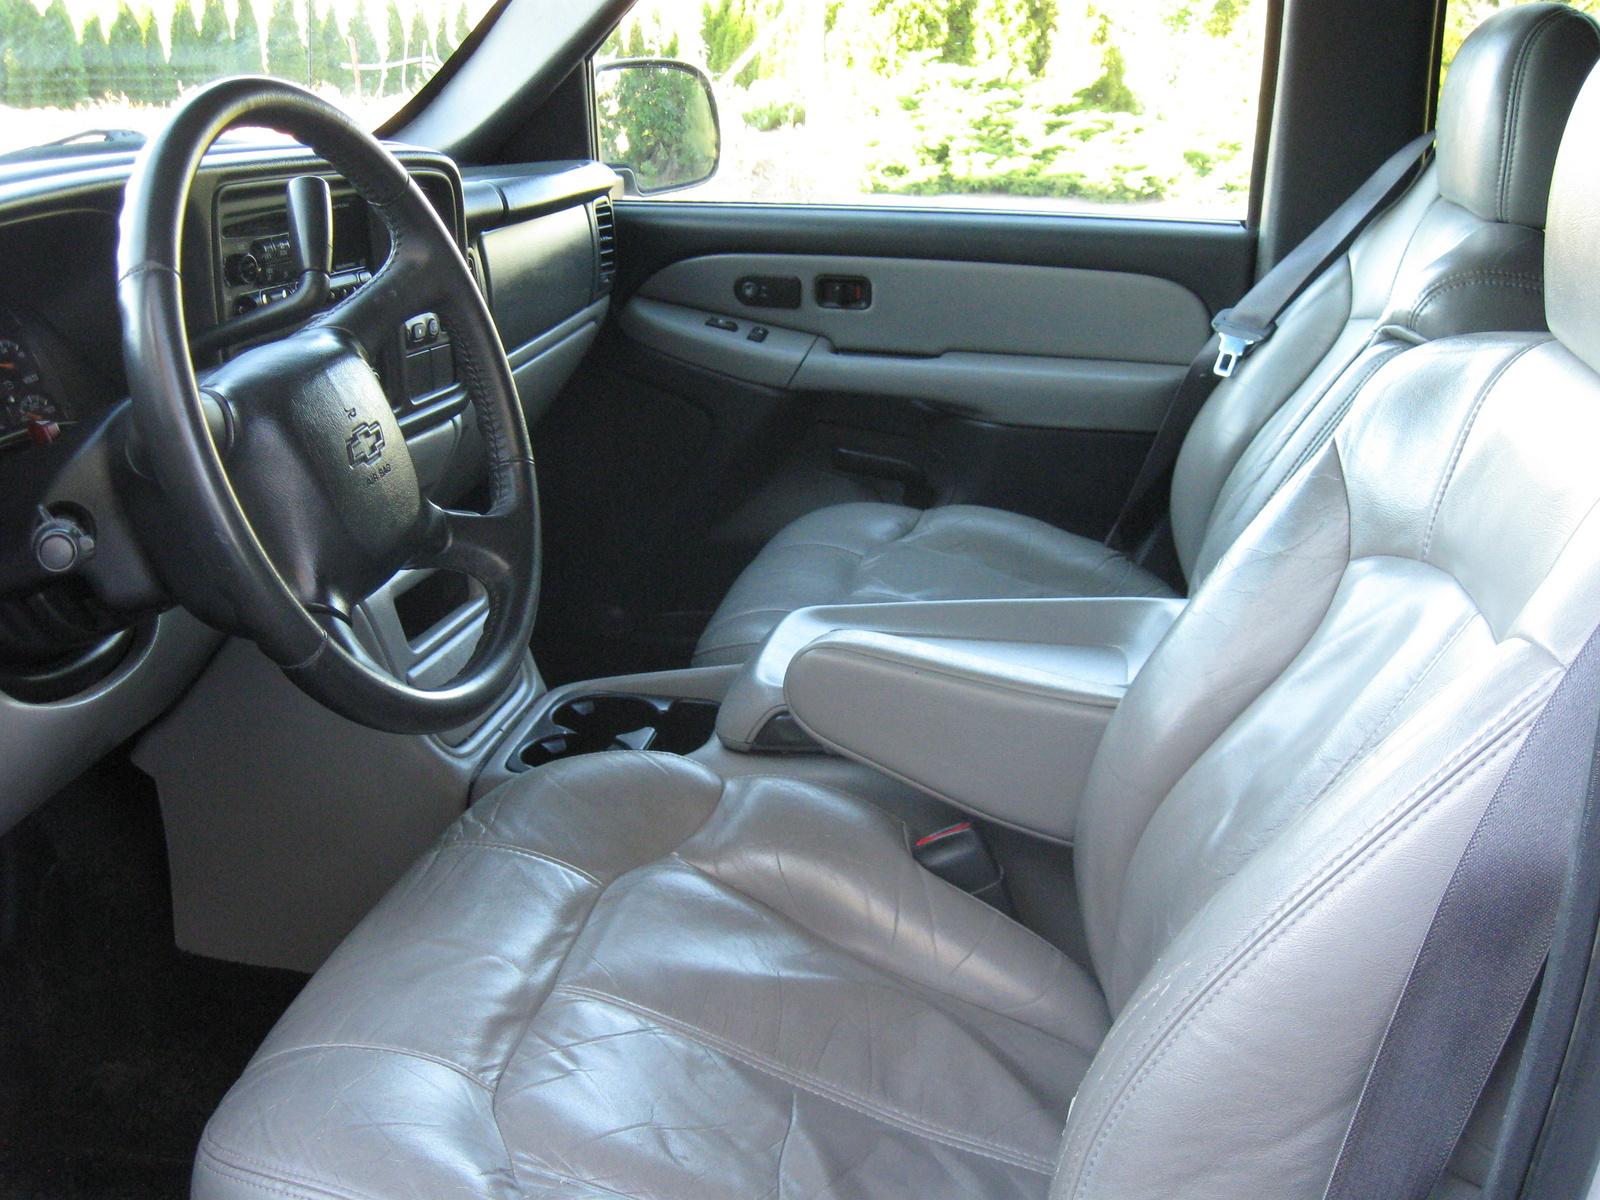 2001 Chevrolet Tahoe - Pictures - CarGurus